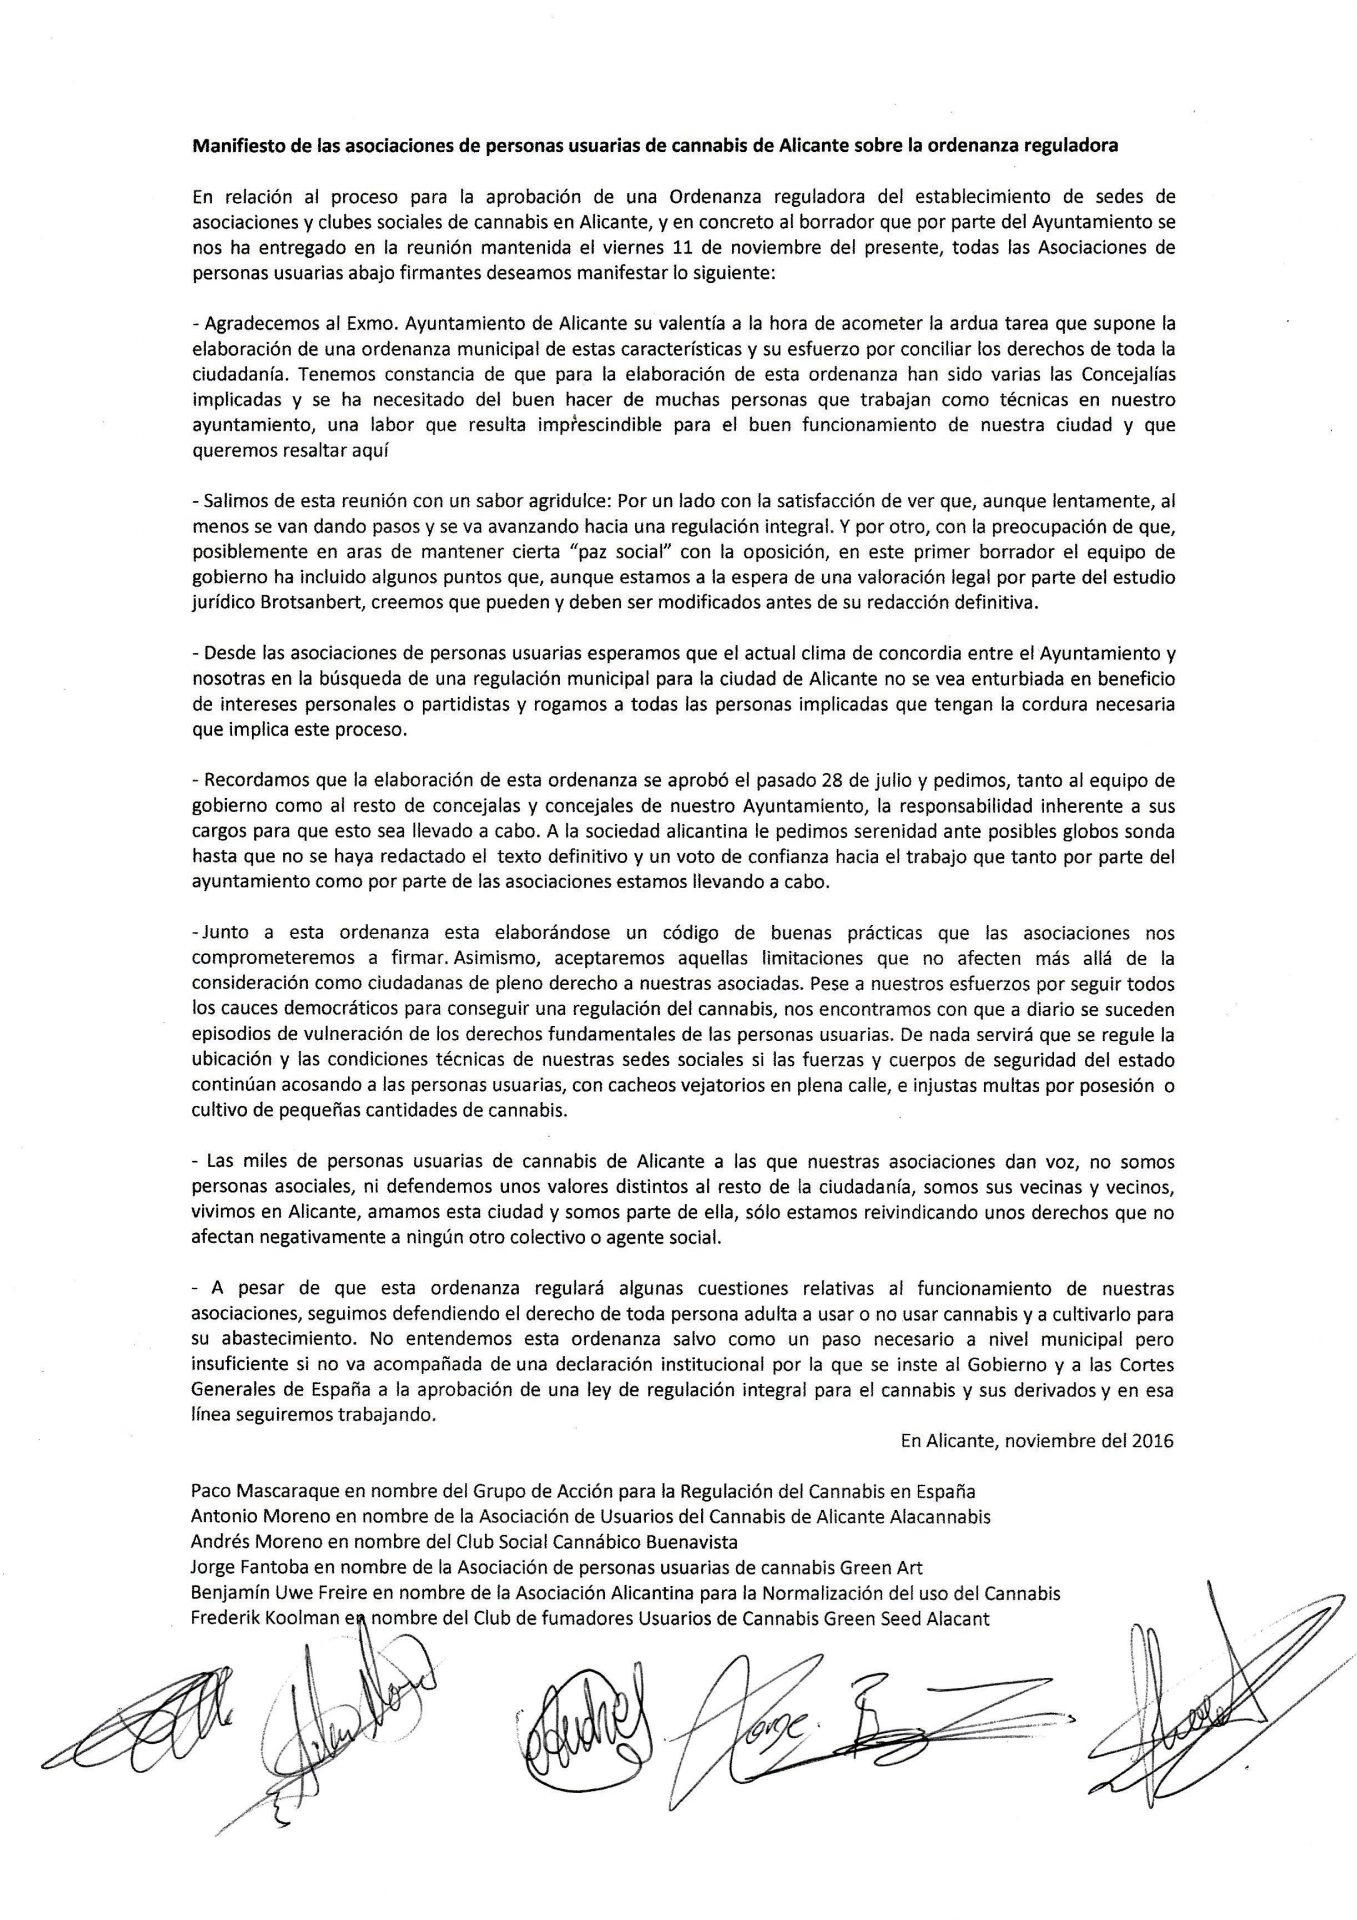 Manifiesto de las asociaciones de Alicante sobre la ordenanza reguladora de clubes de cannabis 17